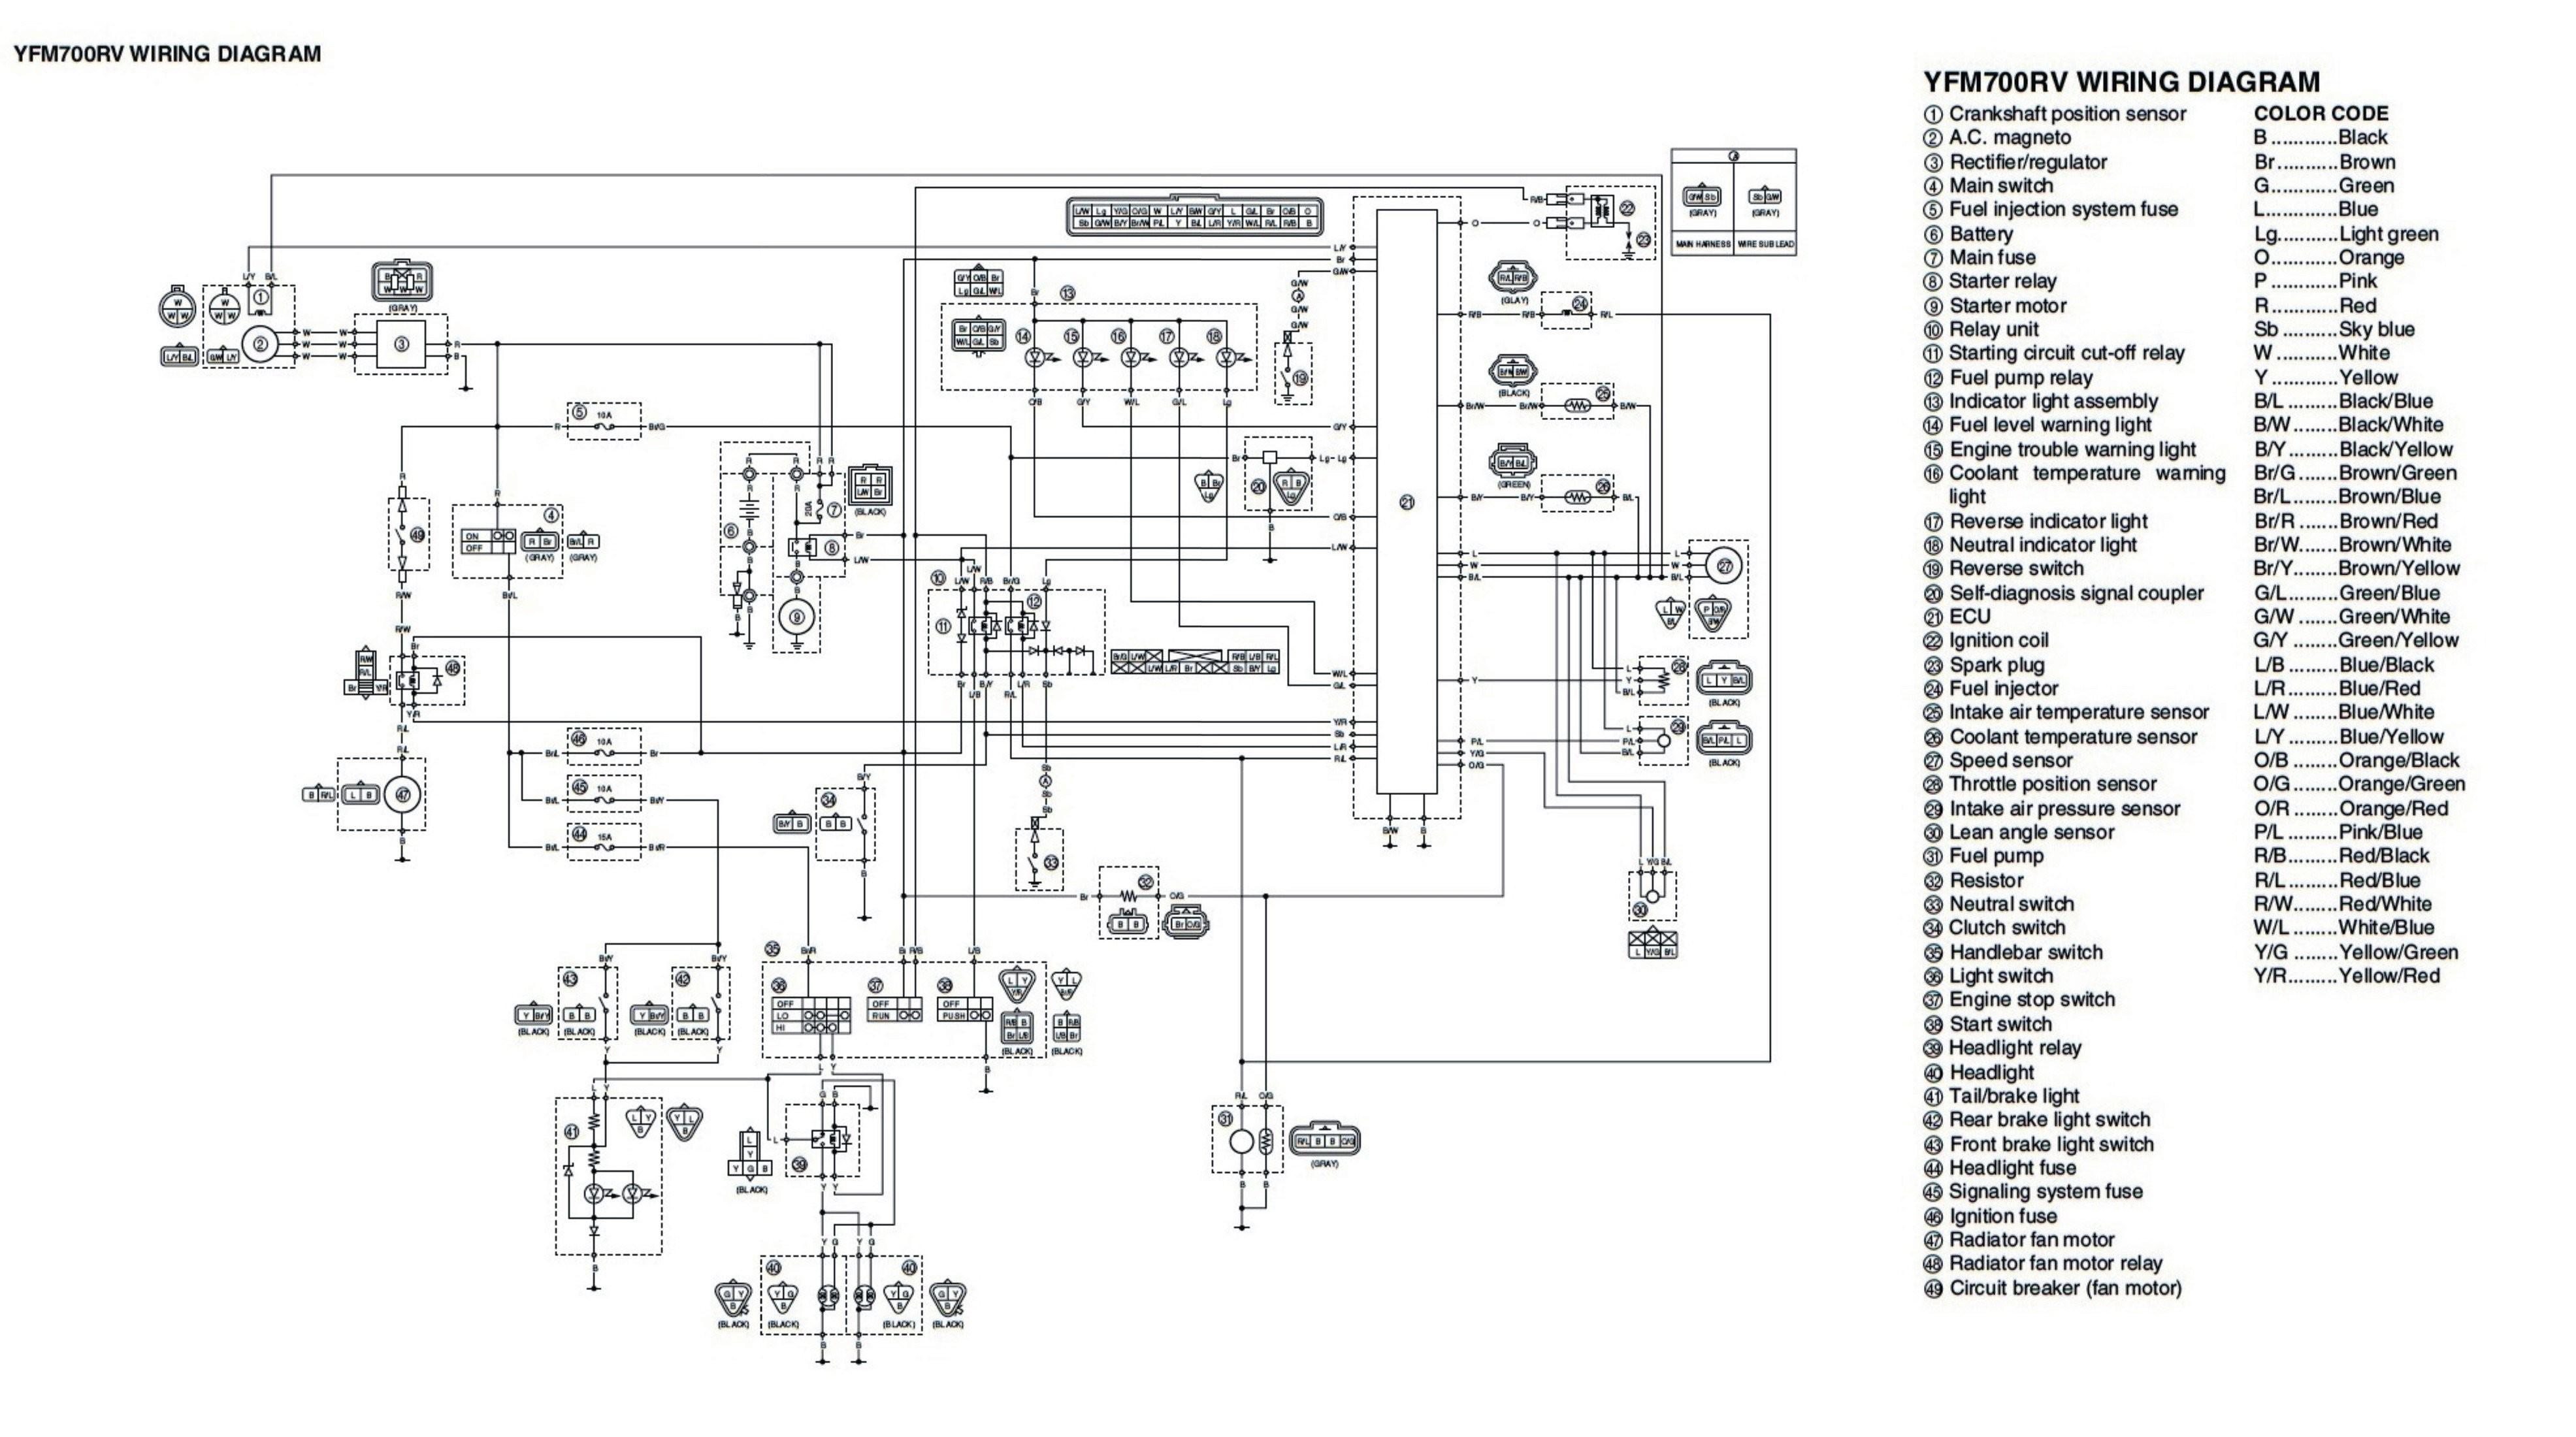 2013 10 05 wiring diagram yfm700rv 2005 yamaha raptor atv